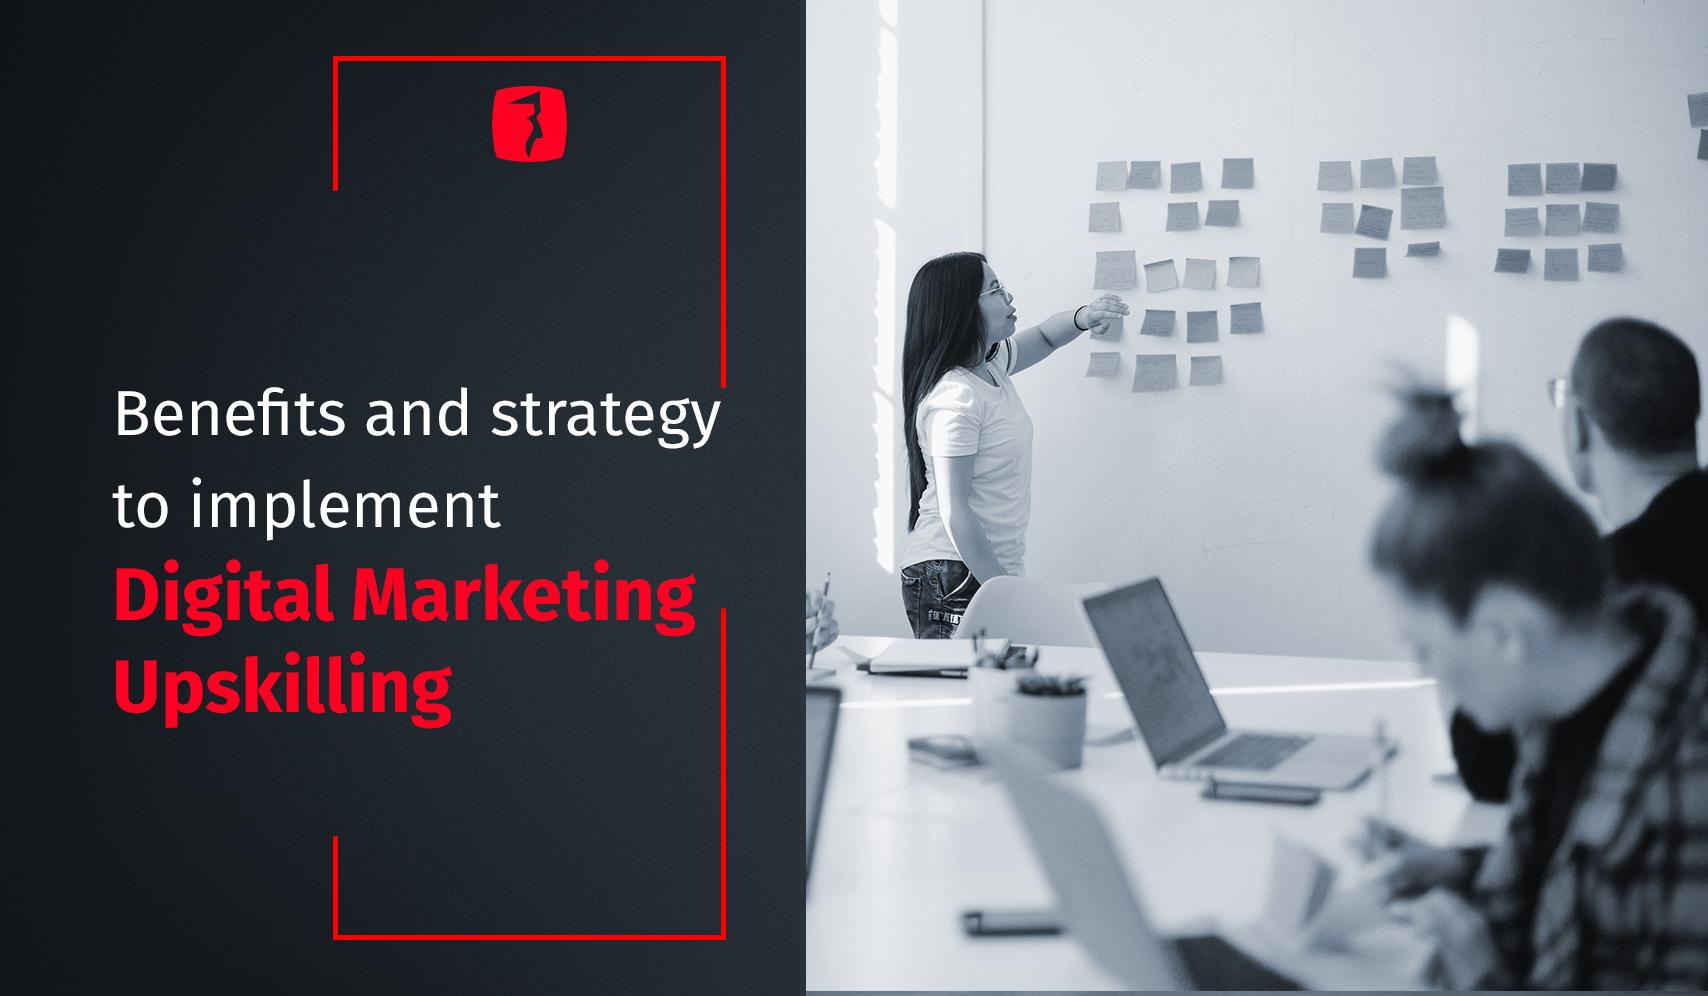 digital marketing upskilling